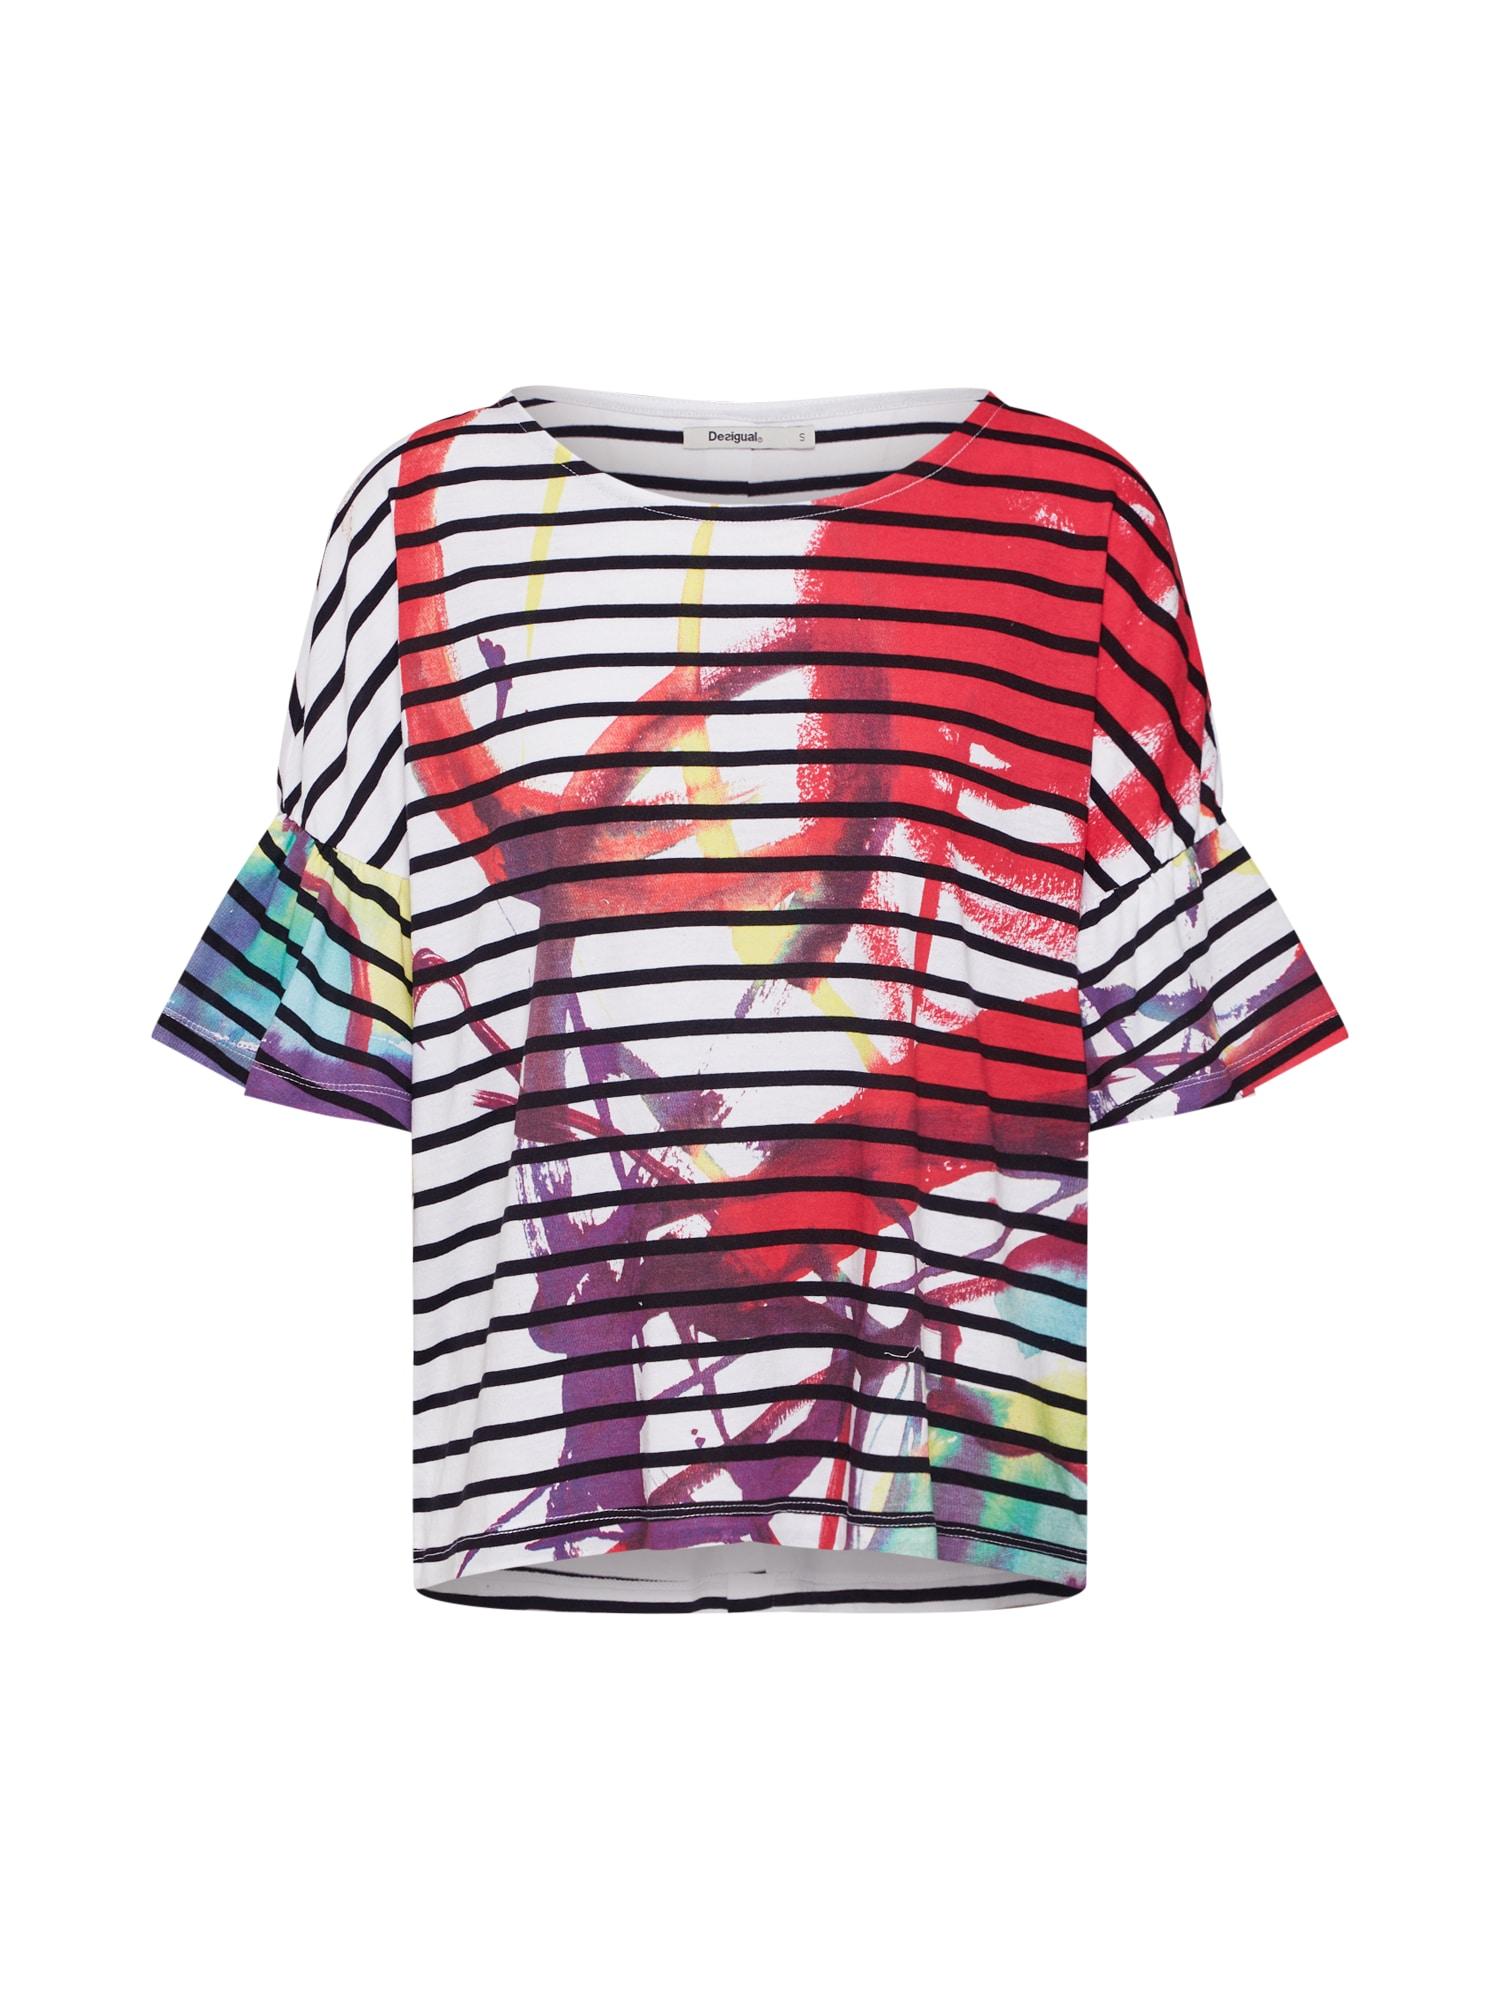 Tričko TS_Nottingham mix barev červená bílá Desigual